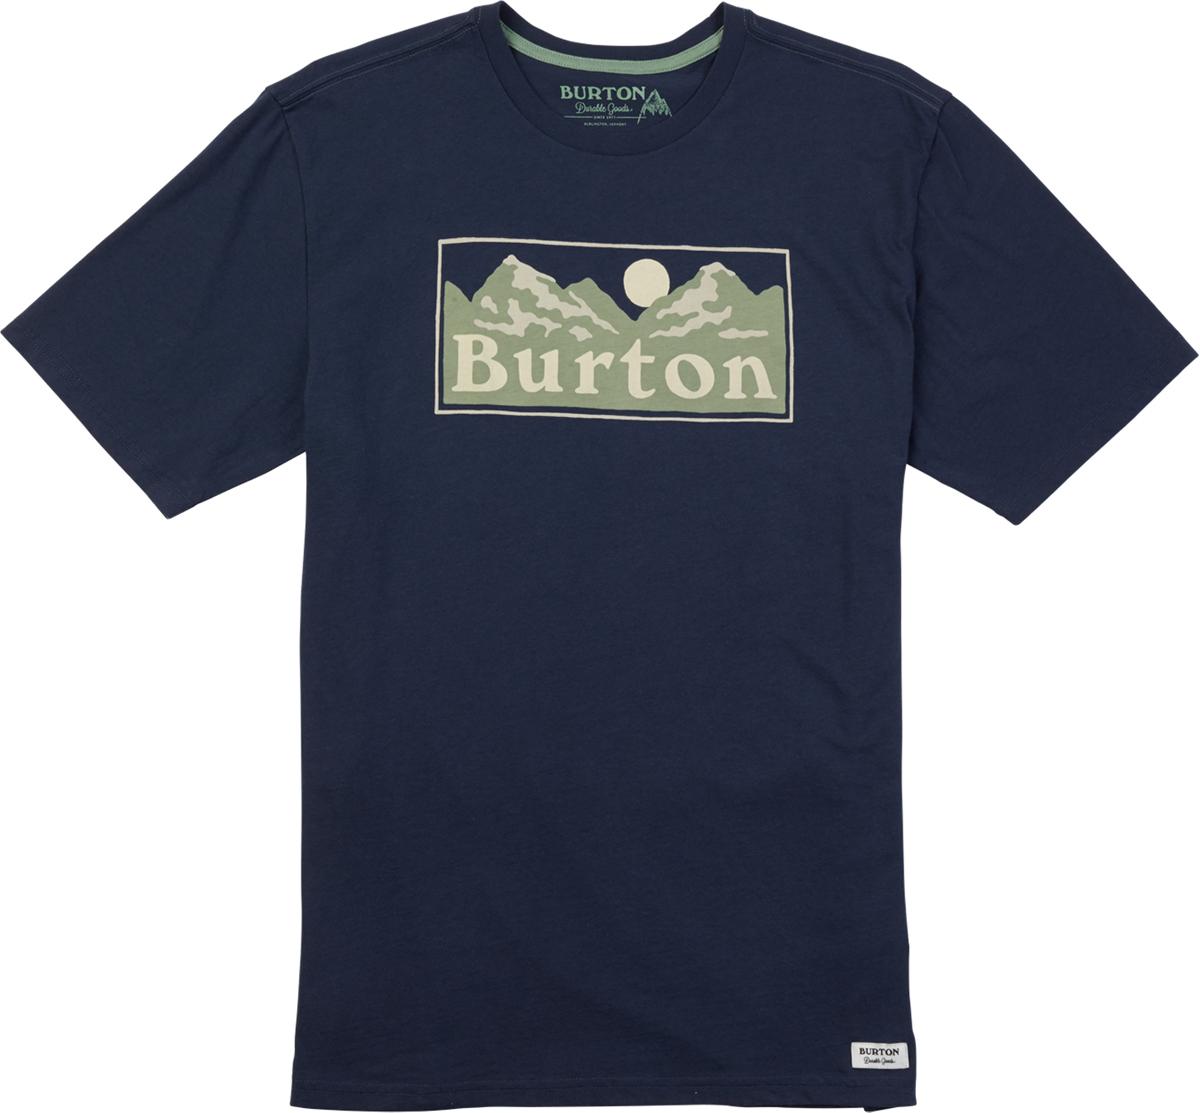 Футболка мужская Burton Mb Ralleye Ss, цвет: темно-синий. 19691100400. Размер XXL (54) футболка мужская anta цвет синий 85835146 2 размер xxl 54